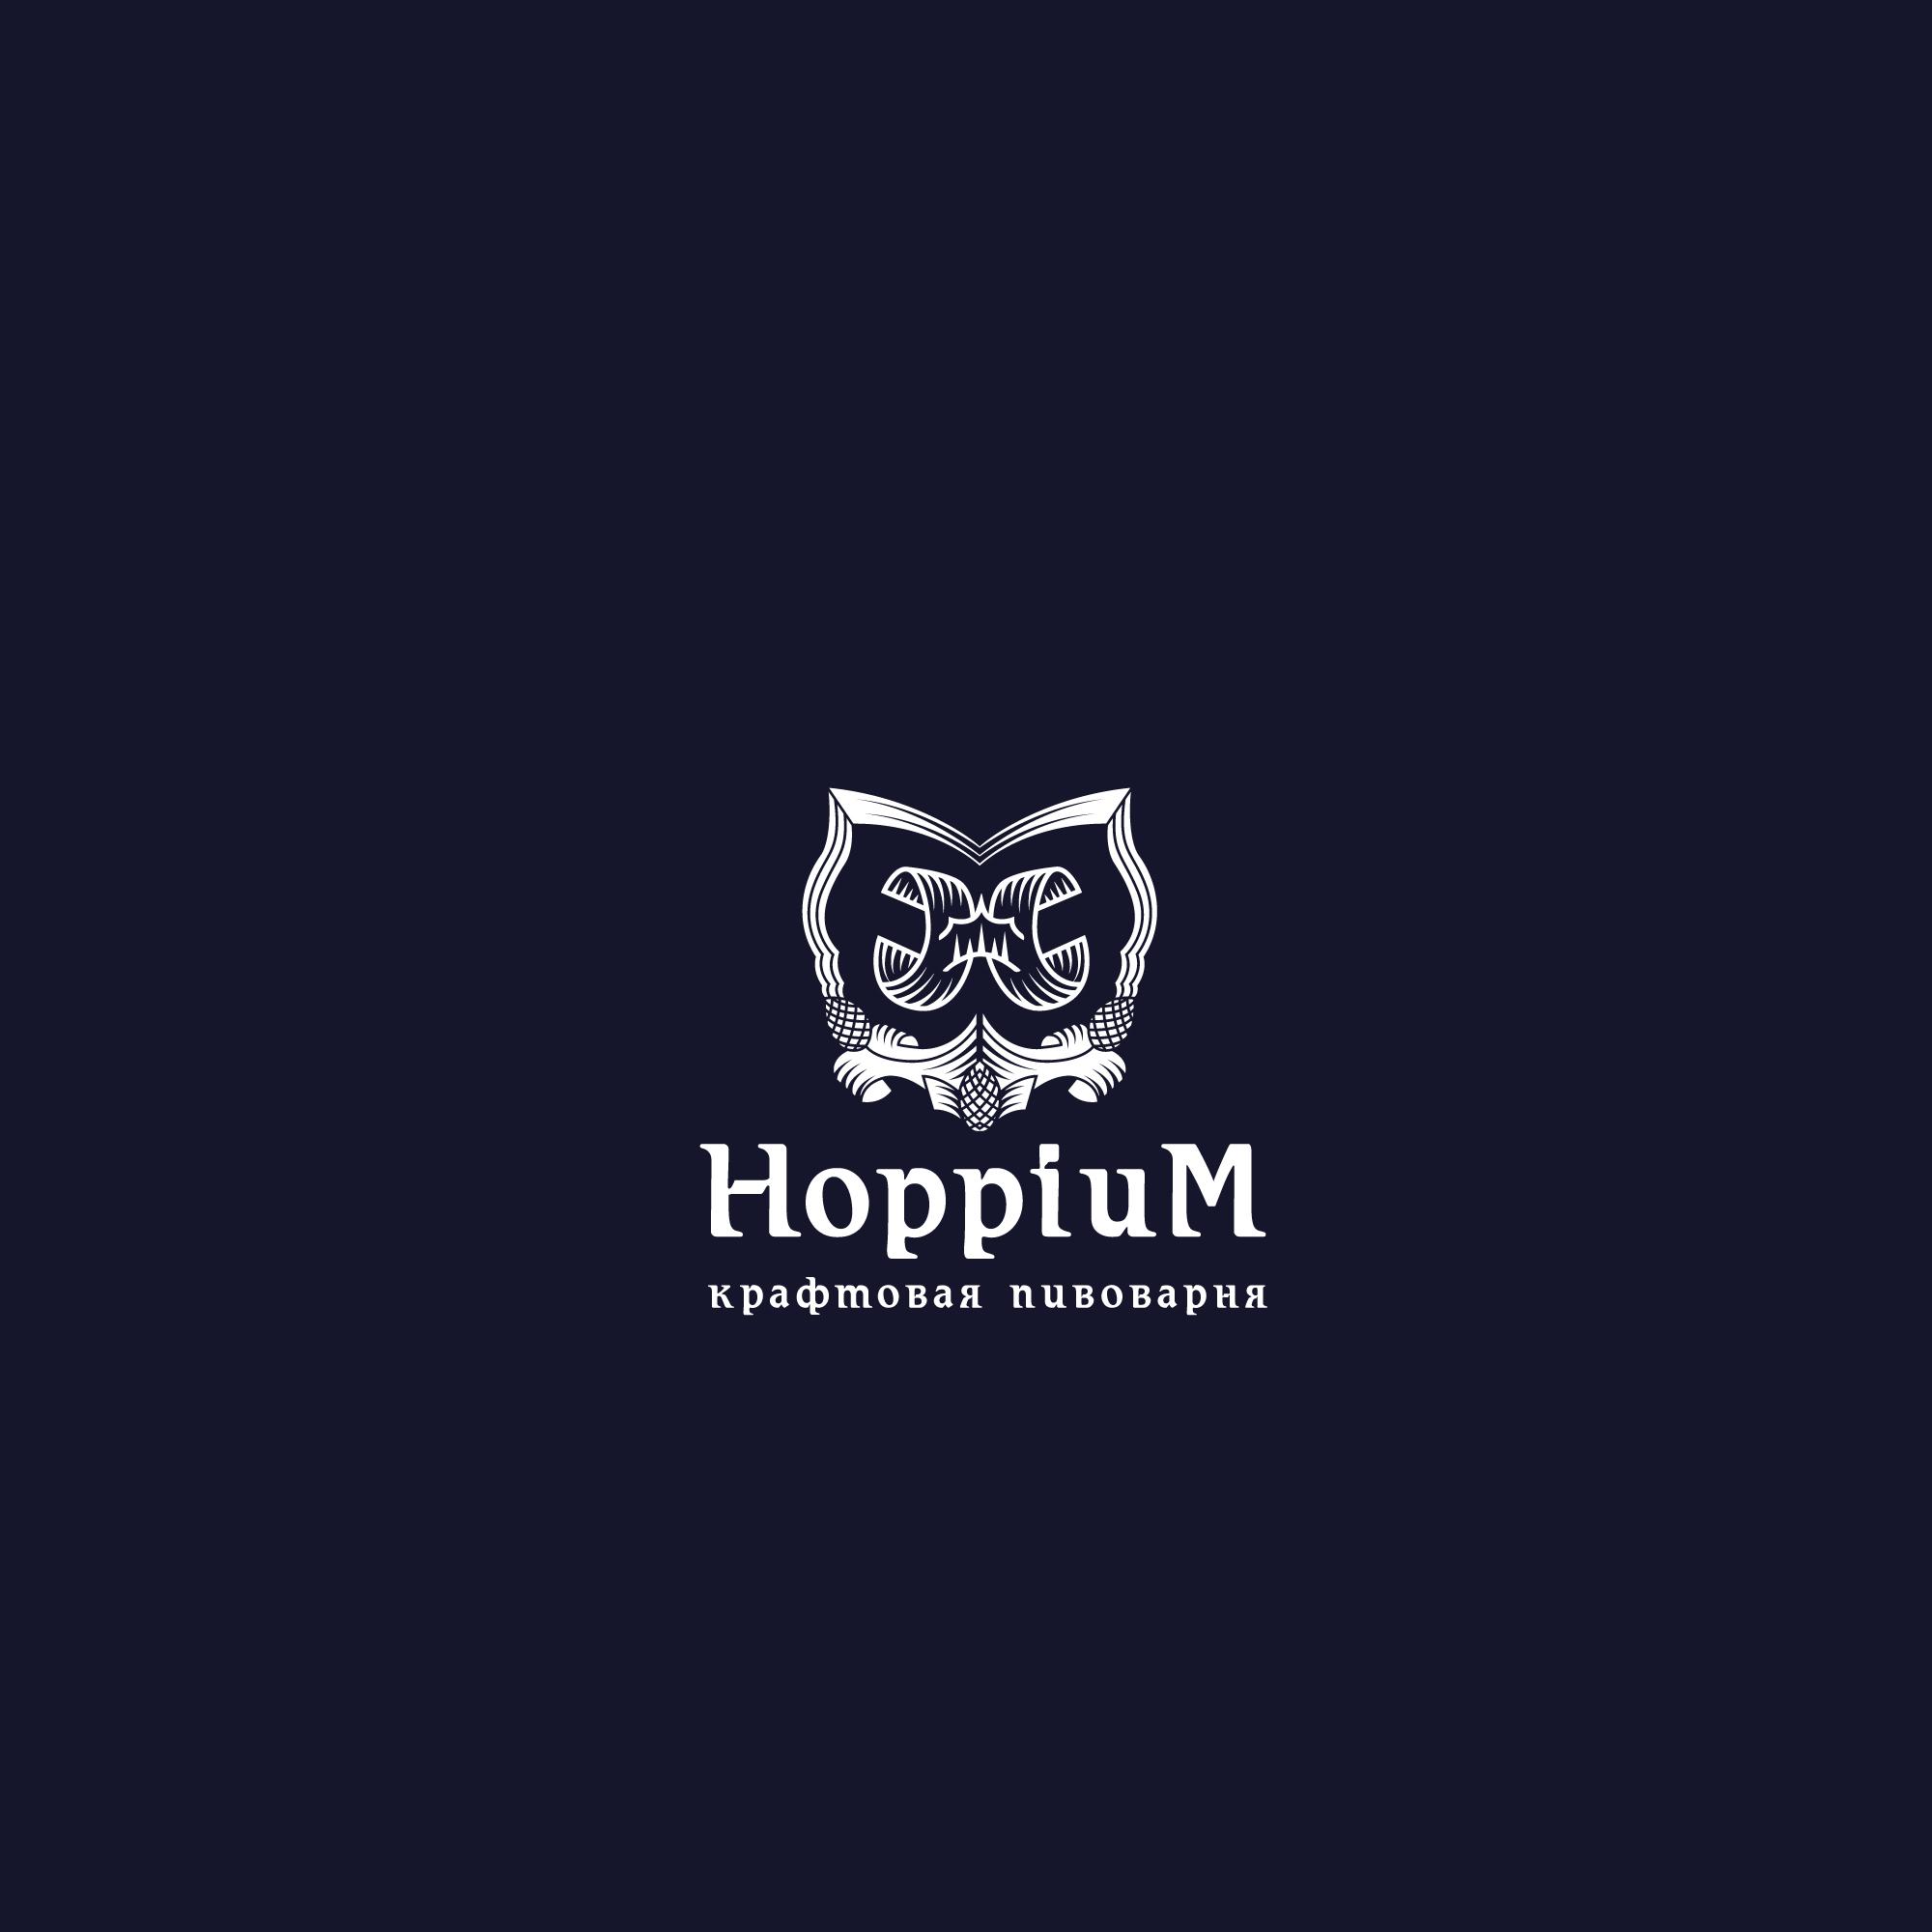 Логотип + Ценники для подмосковной крафтовой пивоварни фото f_2295dc419d69192d.jpg